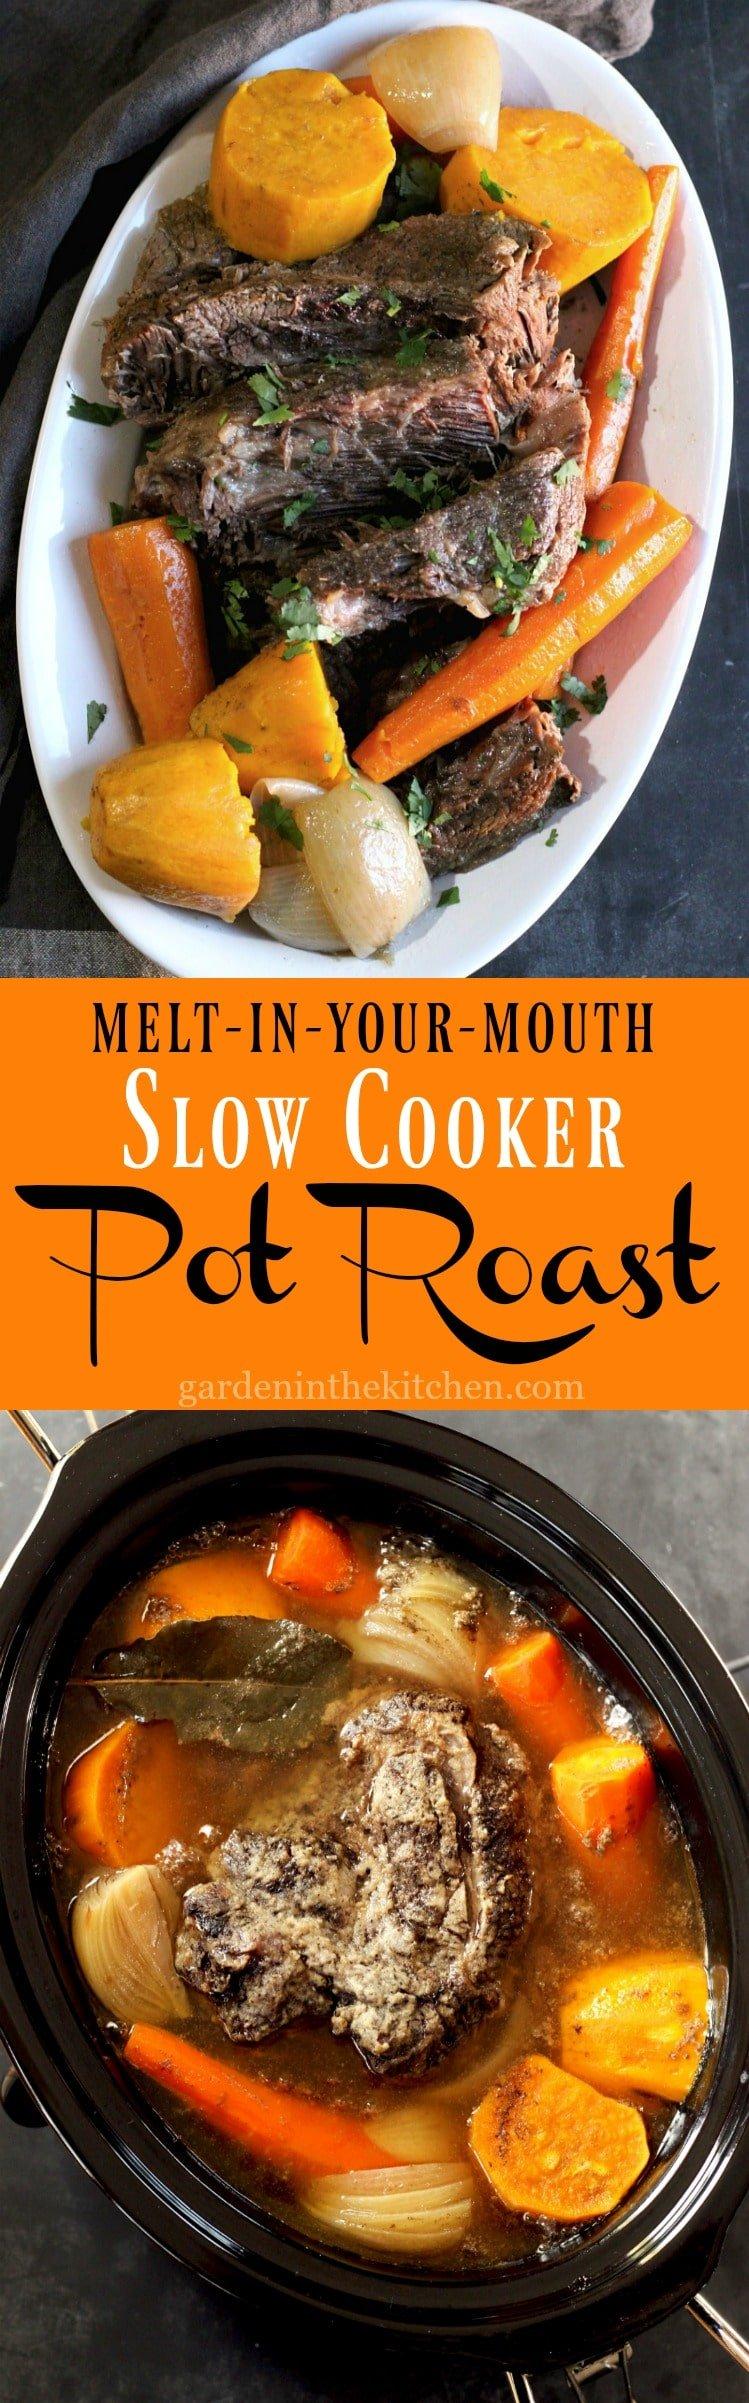 how to slow cook roast beef in crock pot